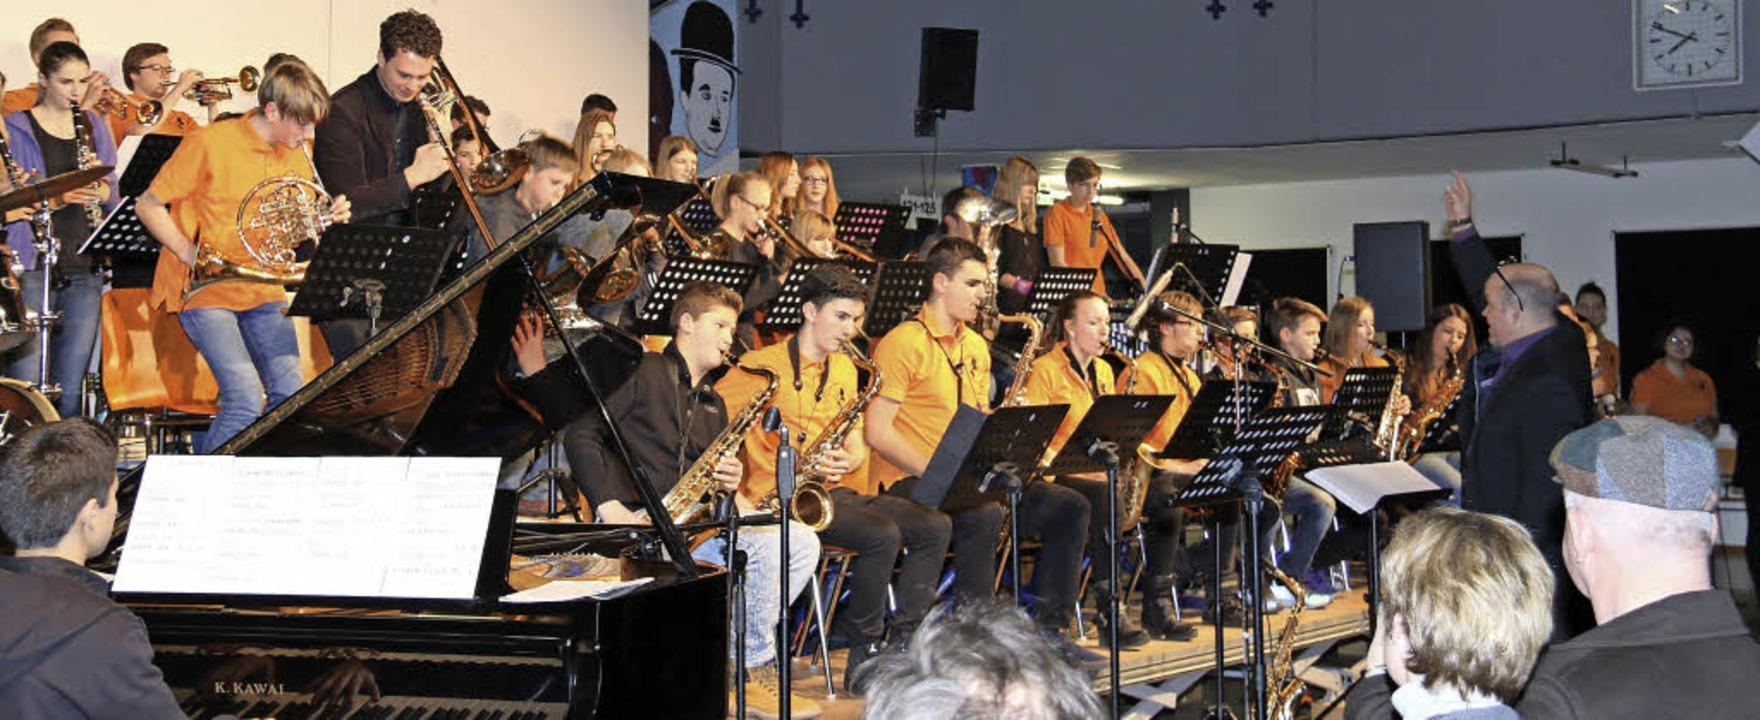 Veit Hübner  lässt jeden der jungen Musiker ein Solo spielen.   | Foto: Dagmar Barber